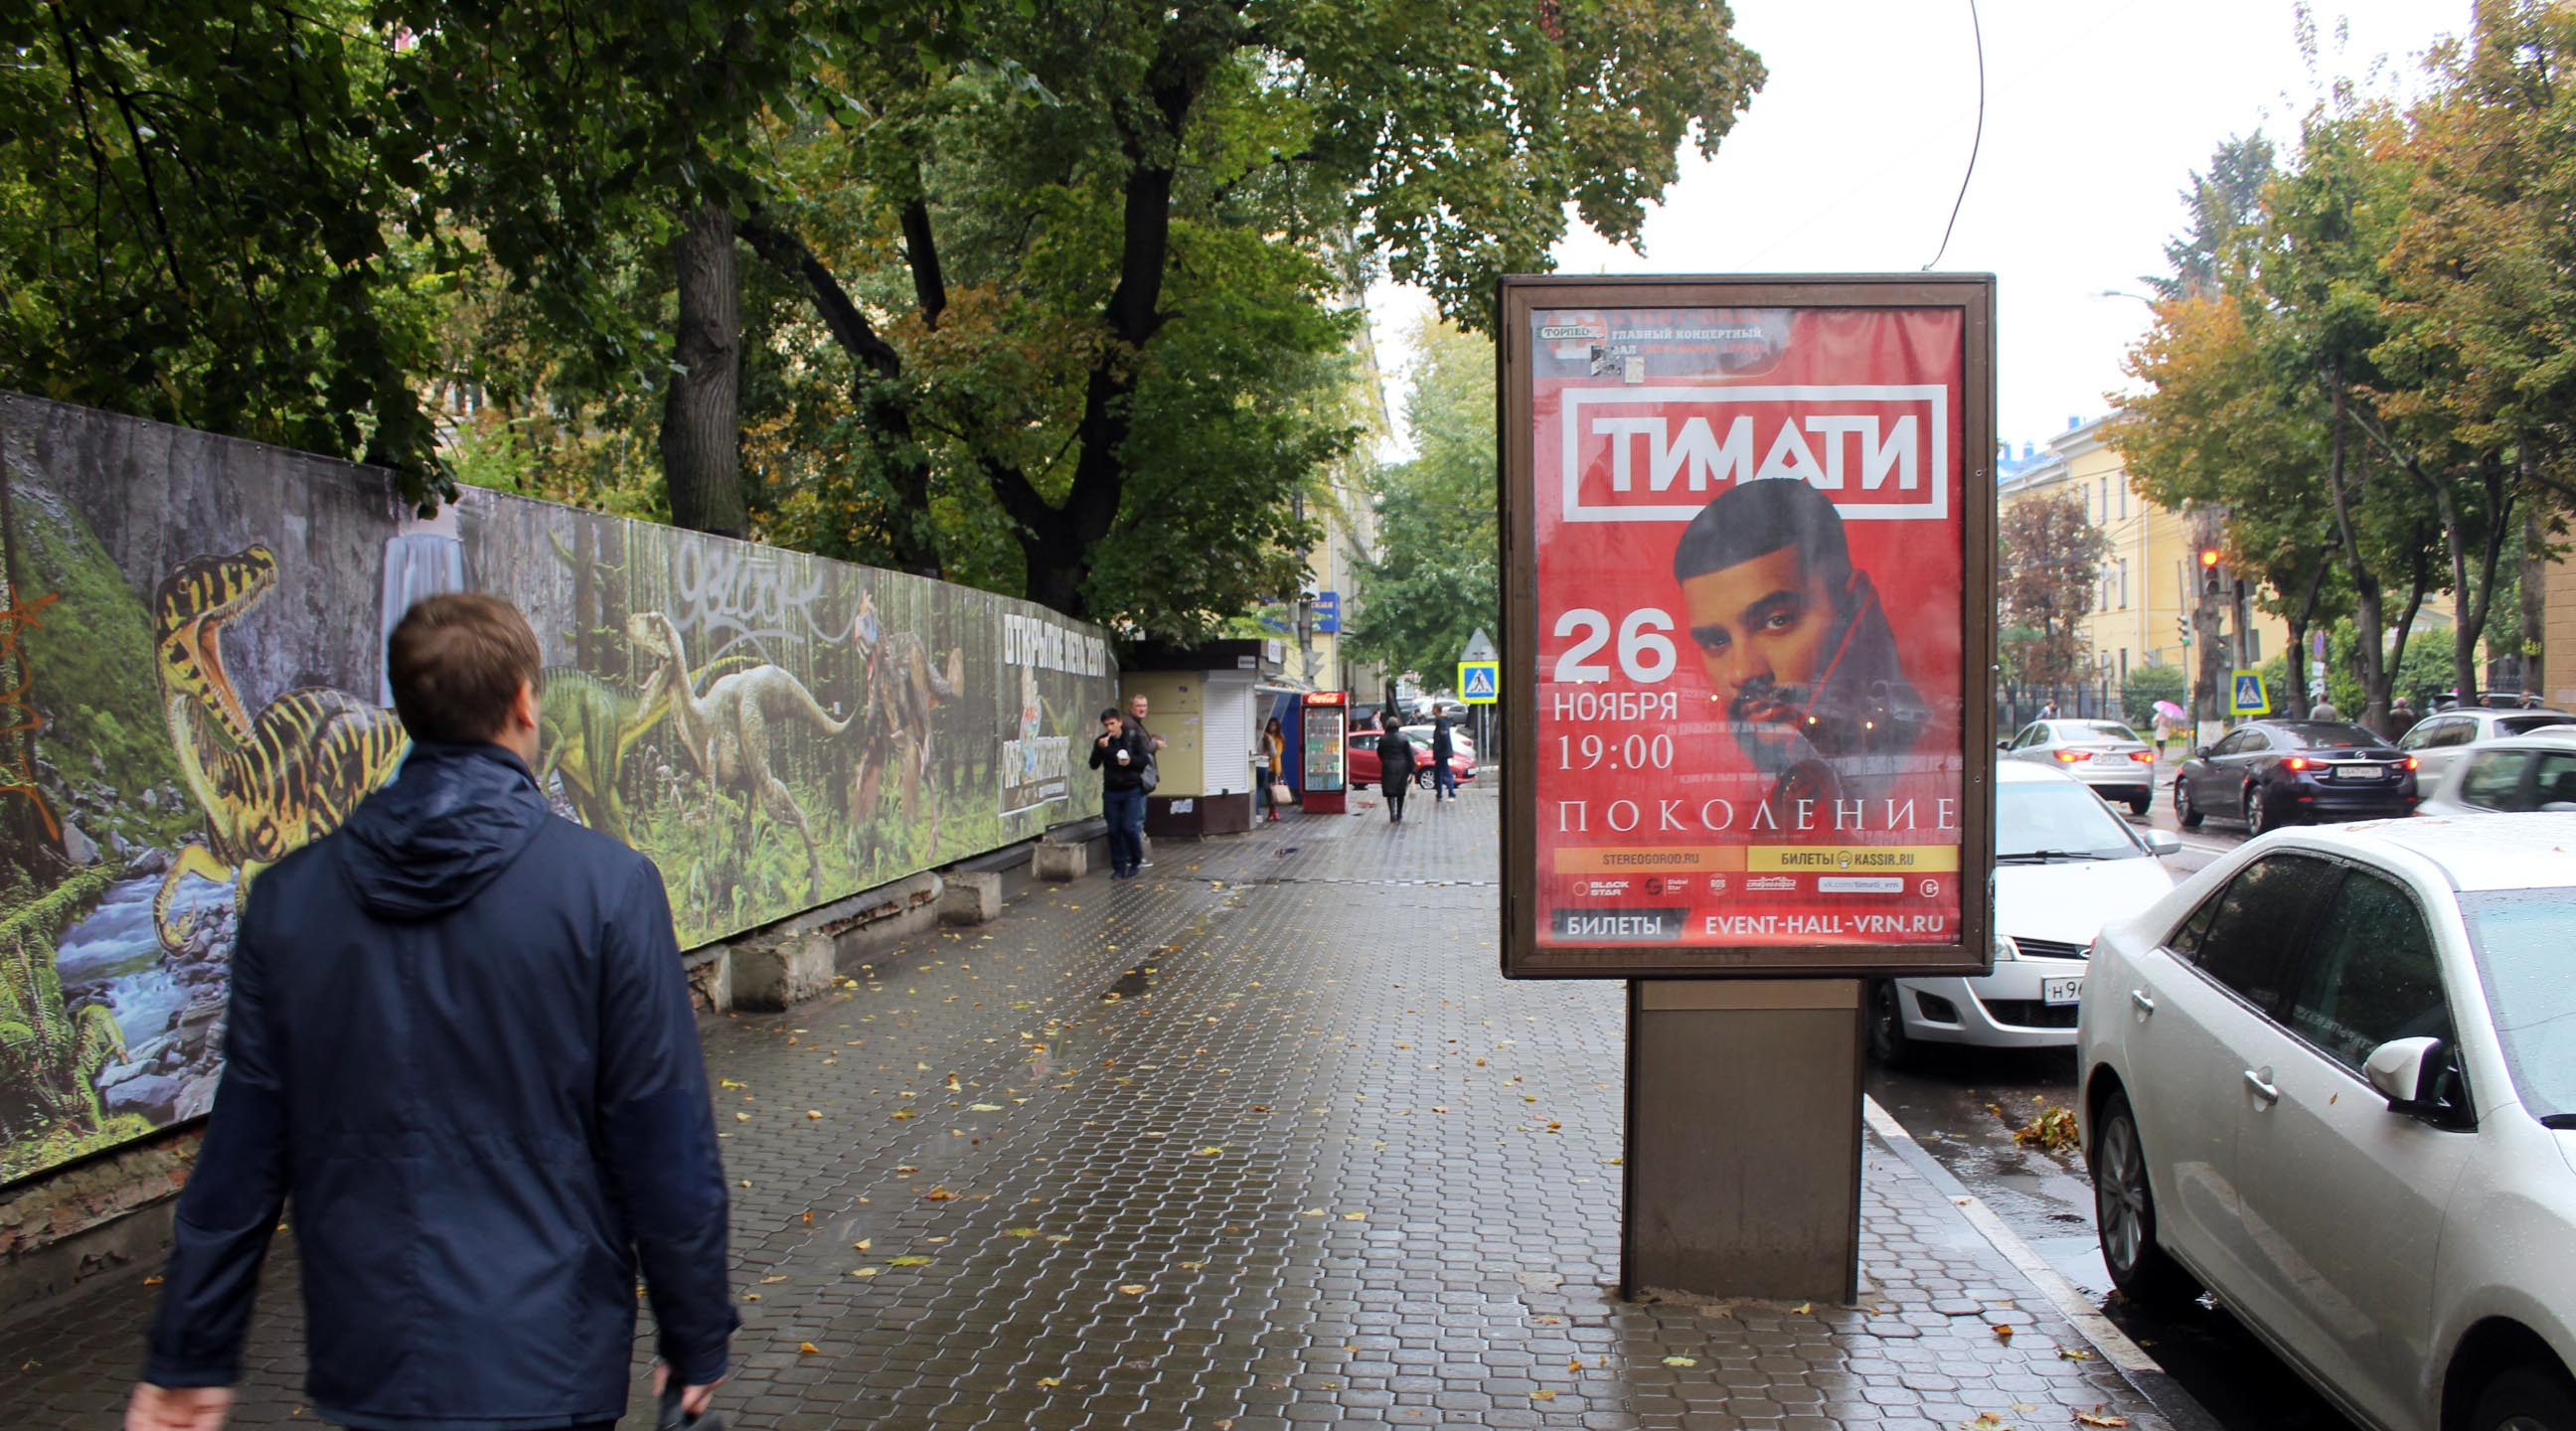 217В Ул. Феоктистова, напротив д.2